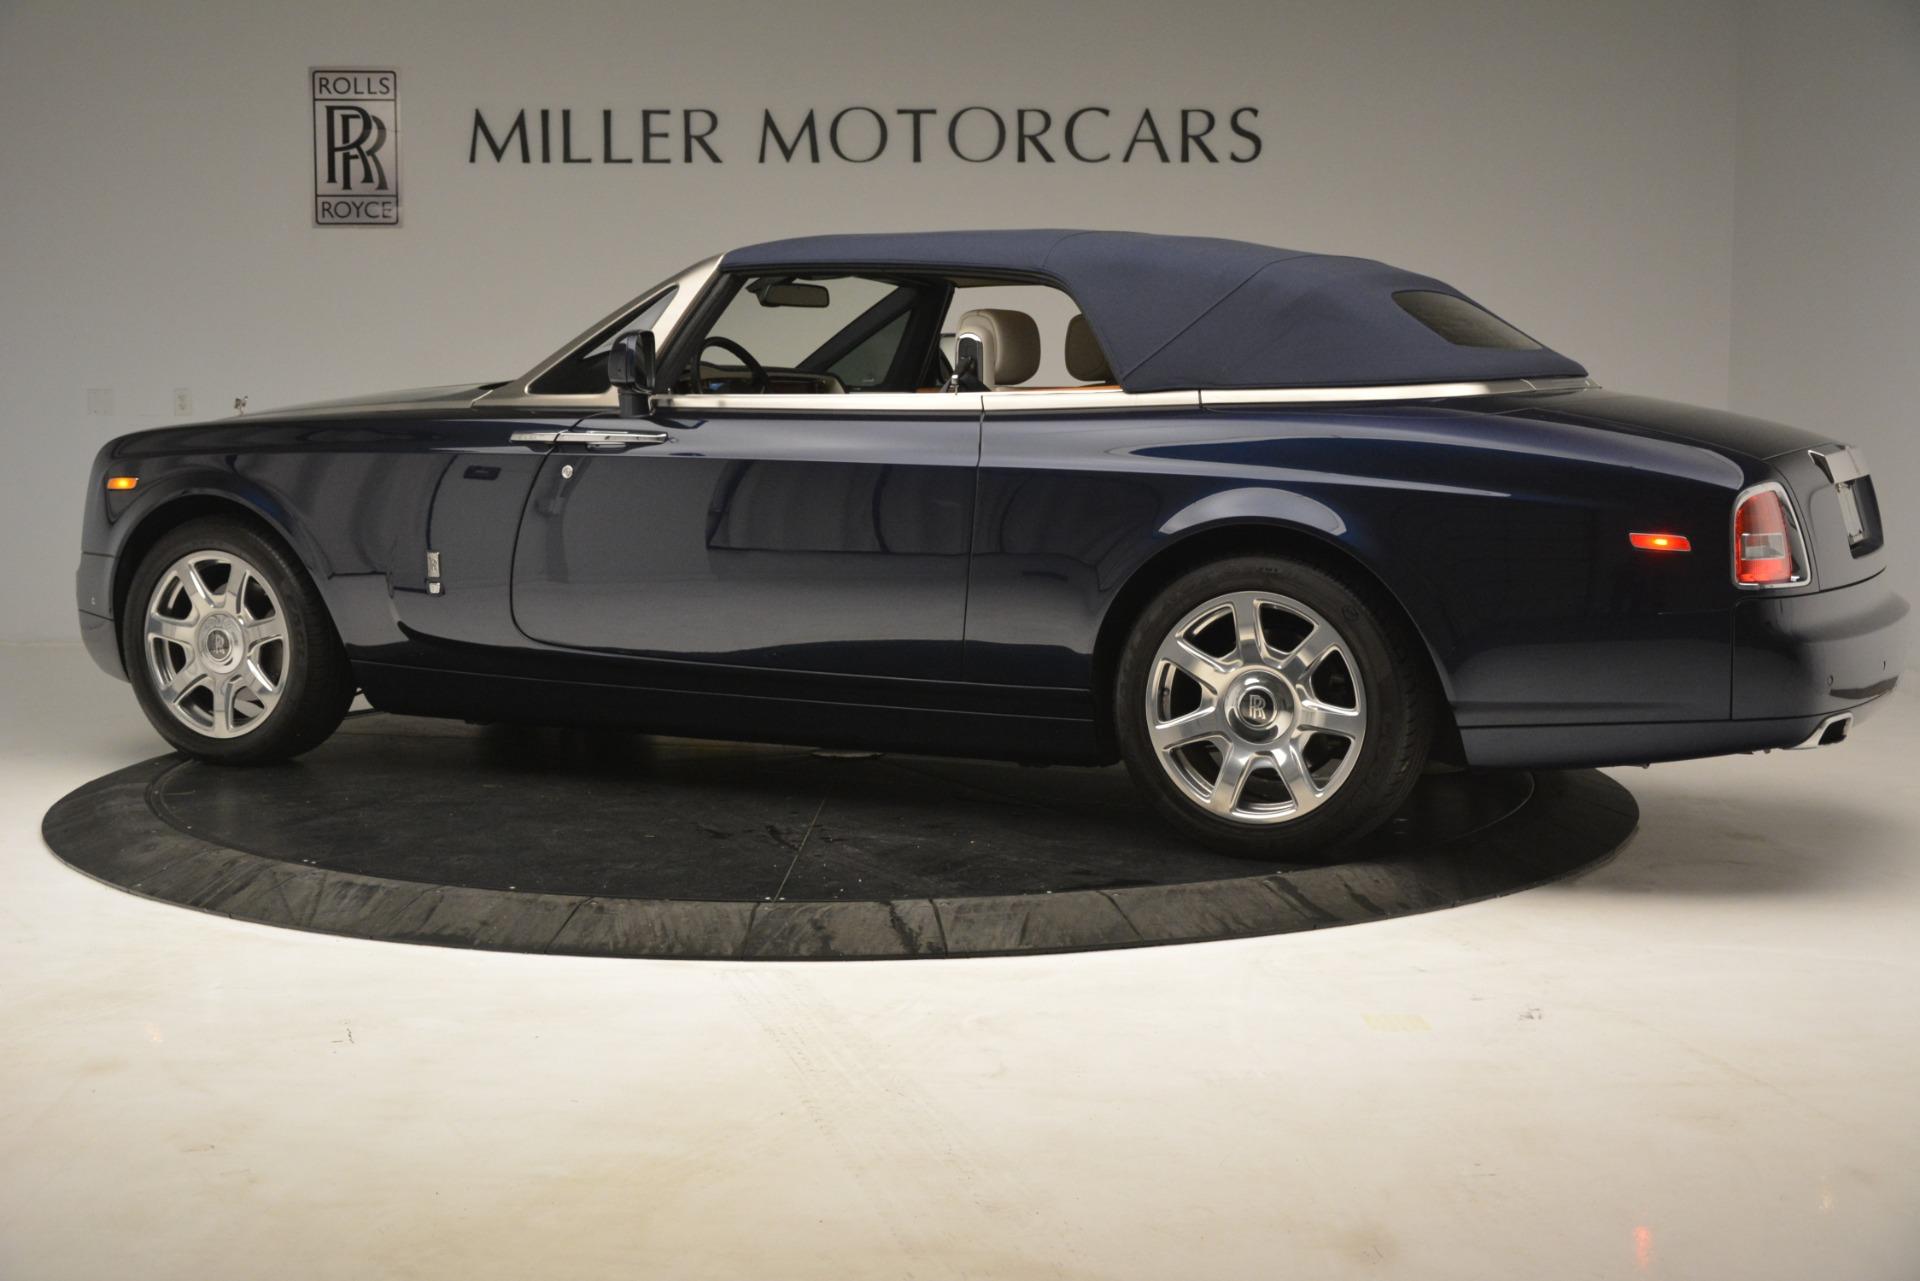 Used 2013 Rolls-Royce Phantom Drophead Coupe  For Sale In Westport, CT 2999_p19